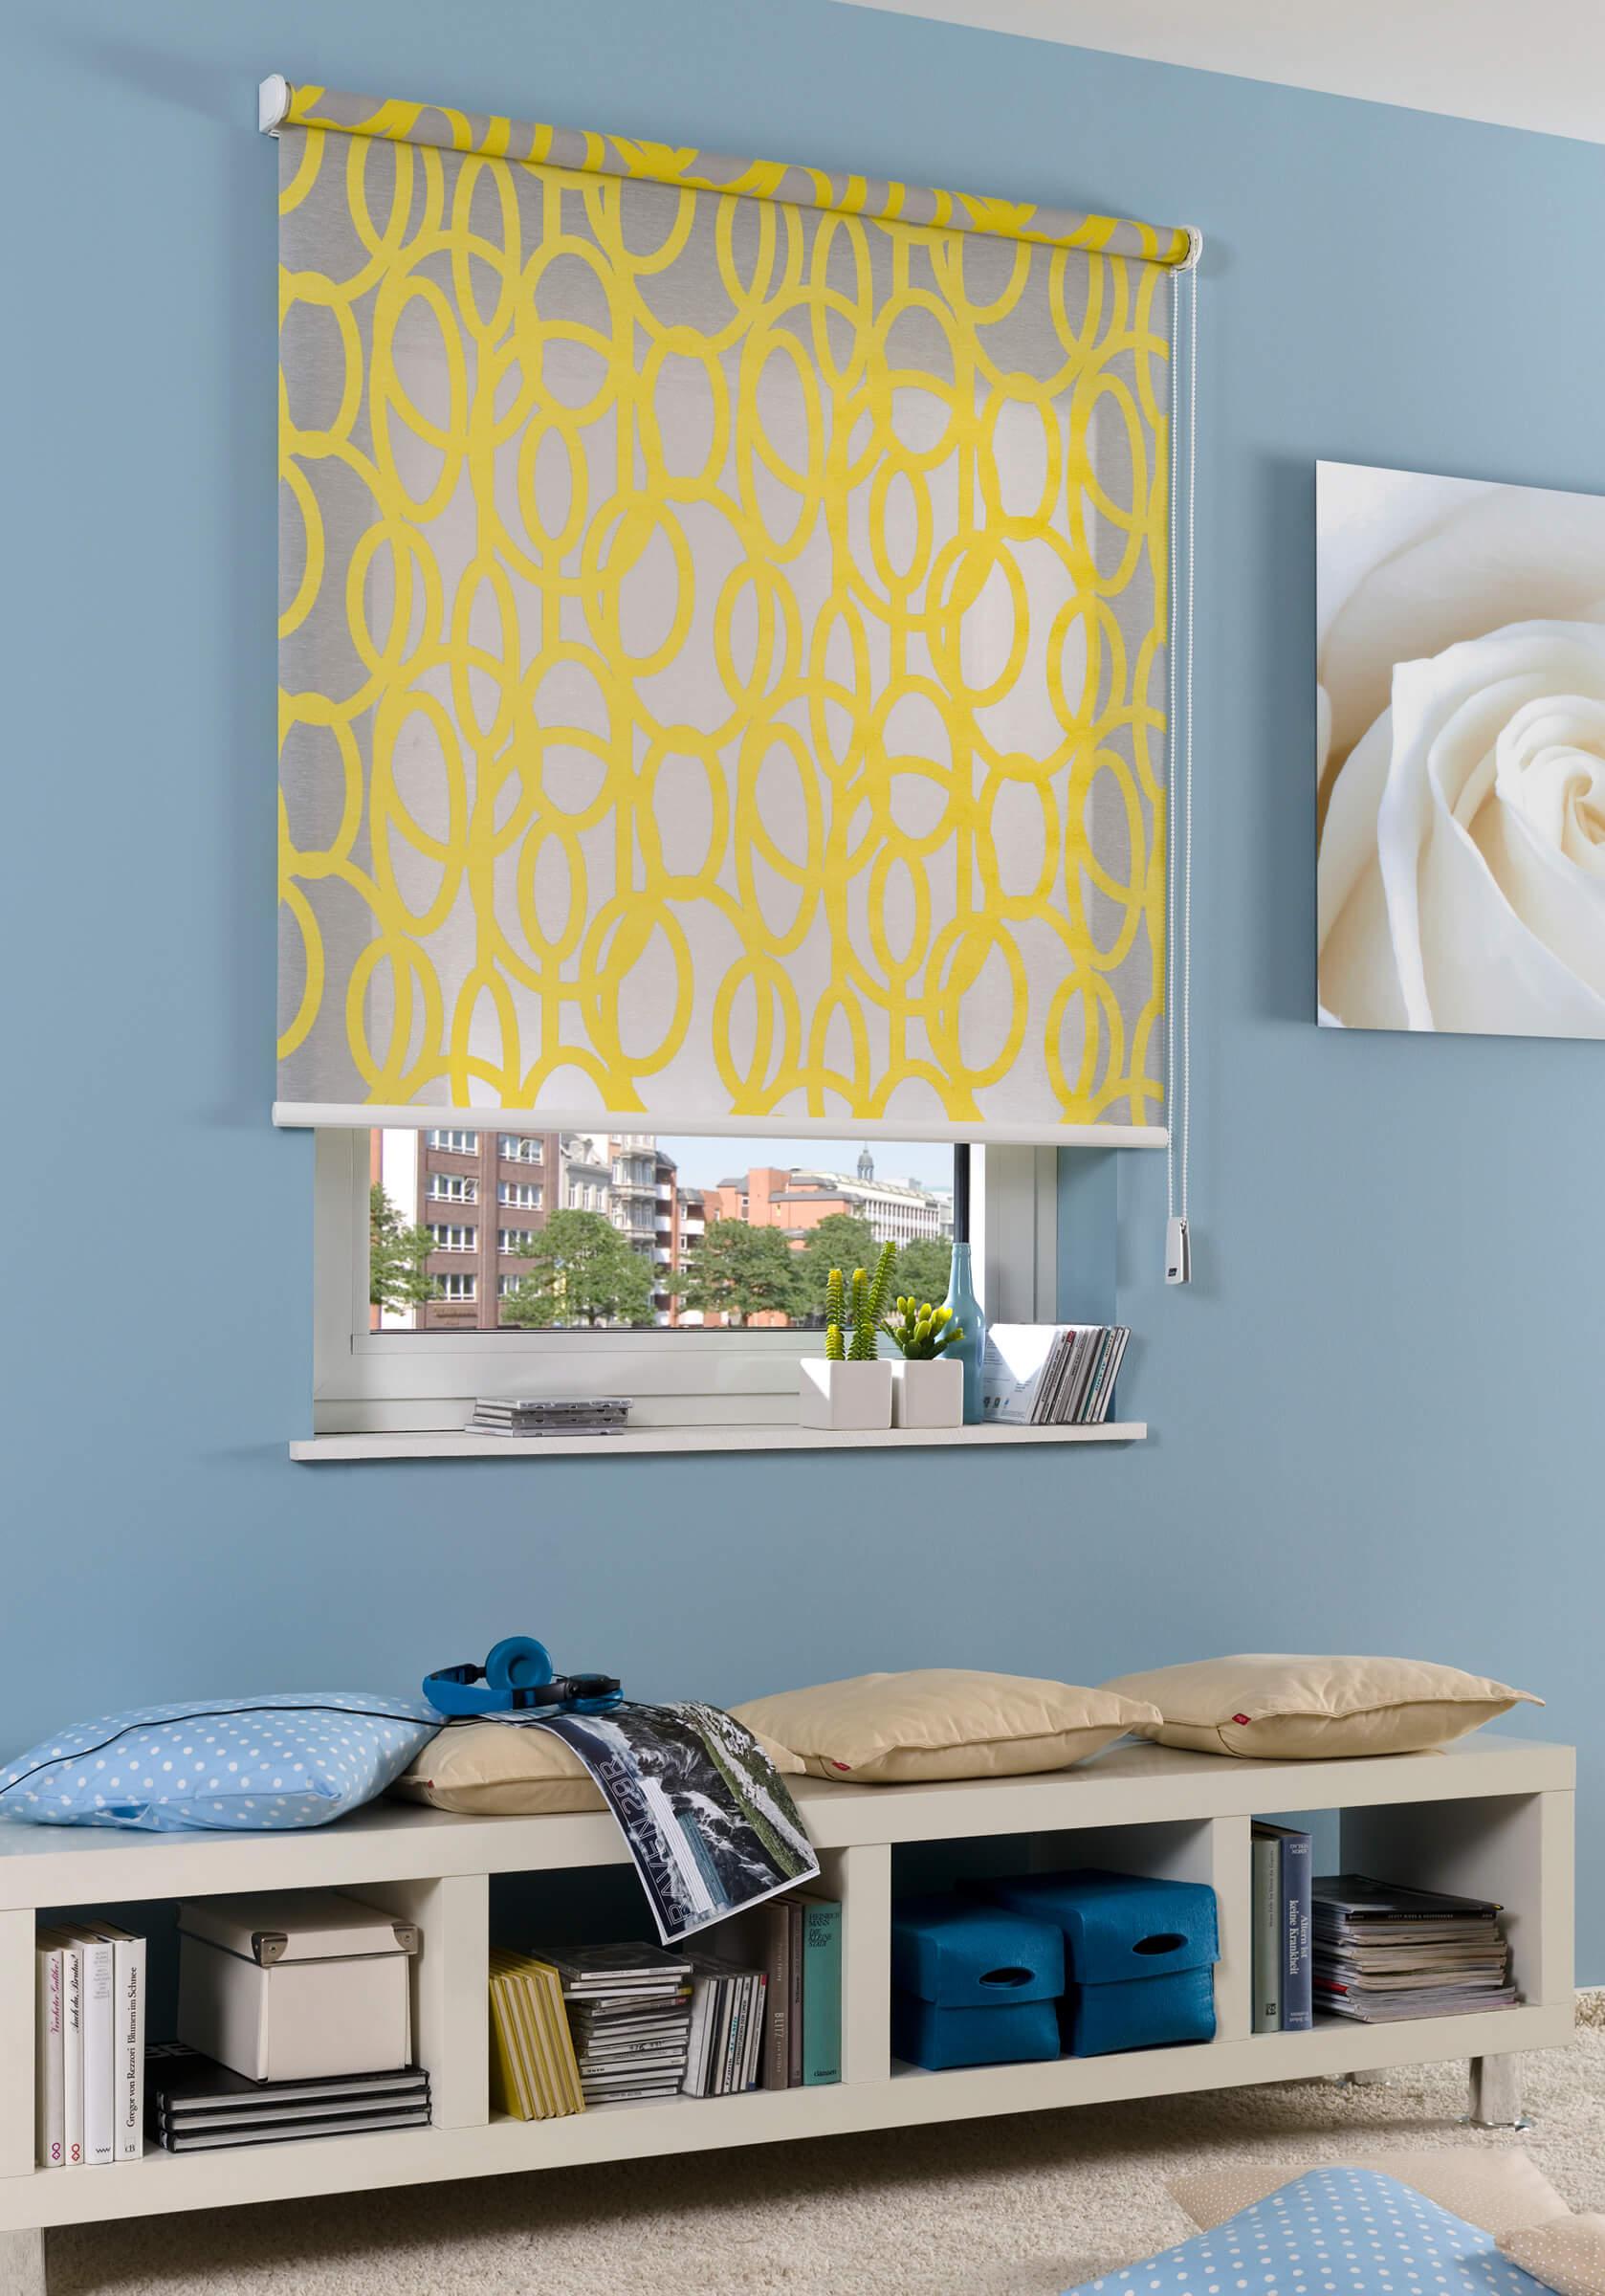 seitenzugrollos rollos mit kettenseitenzug individuell konfigurieren. Black Bedroom Furniture Sets. Home Design Ideas